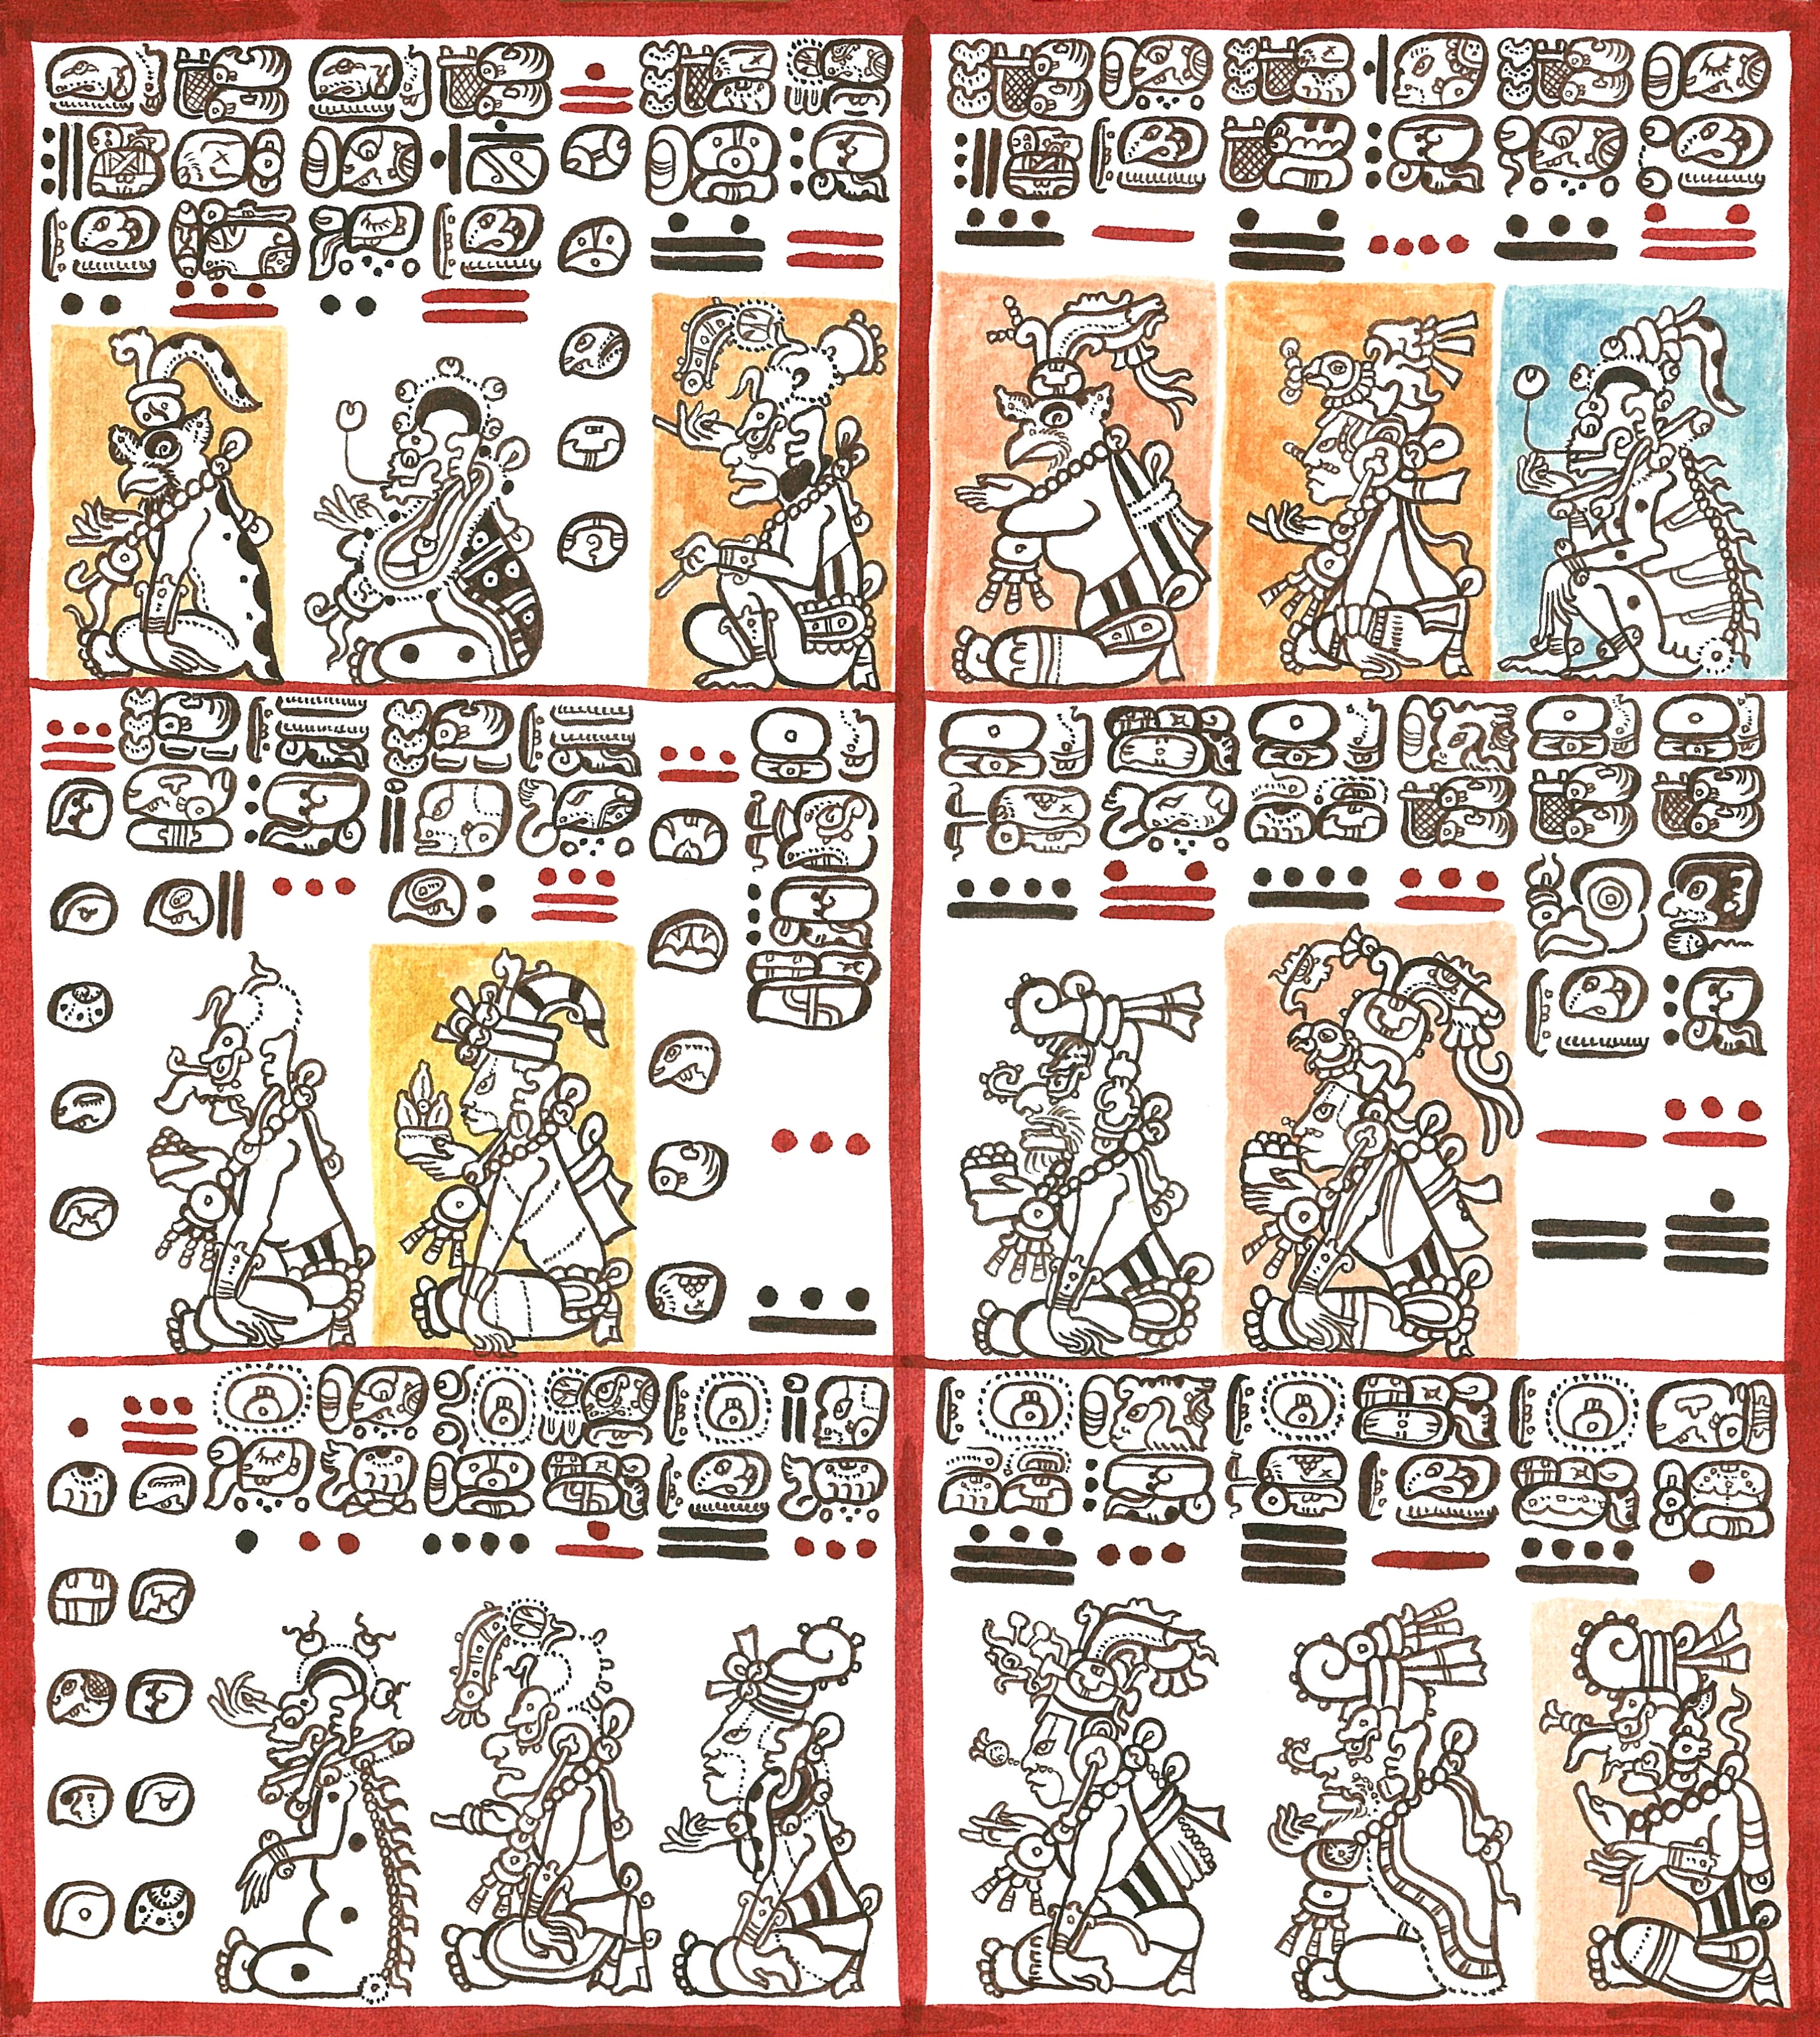 image Manual magic from maya gates